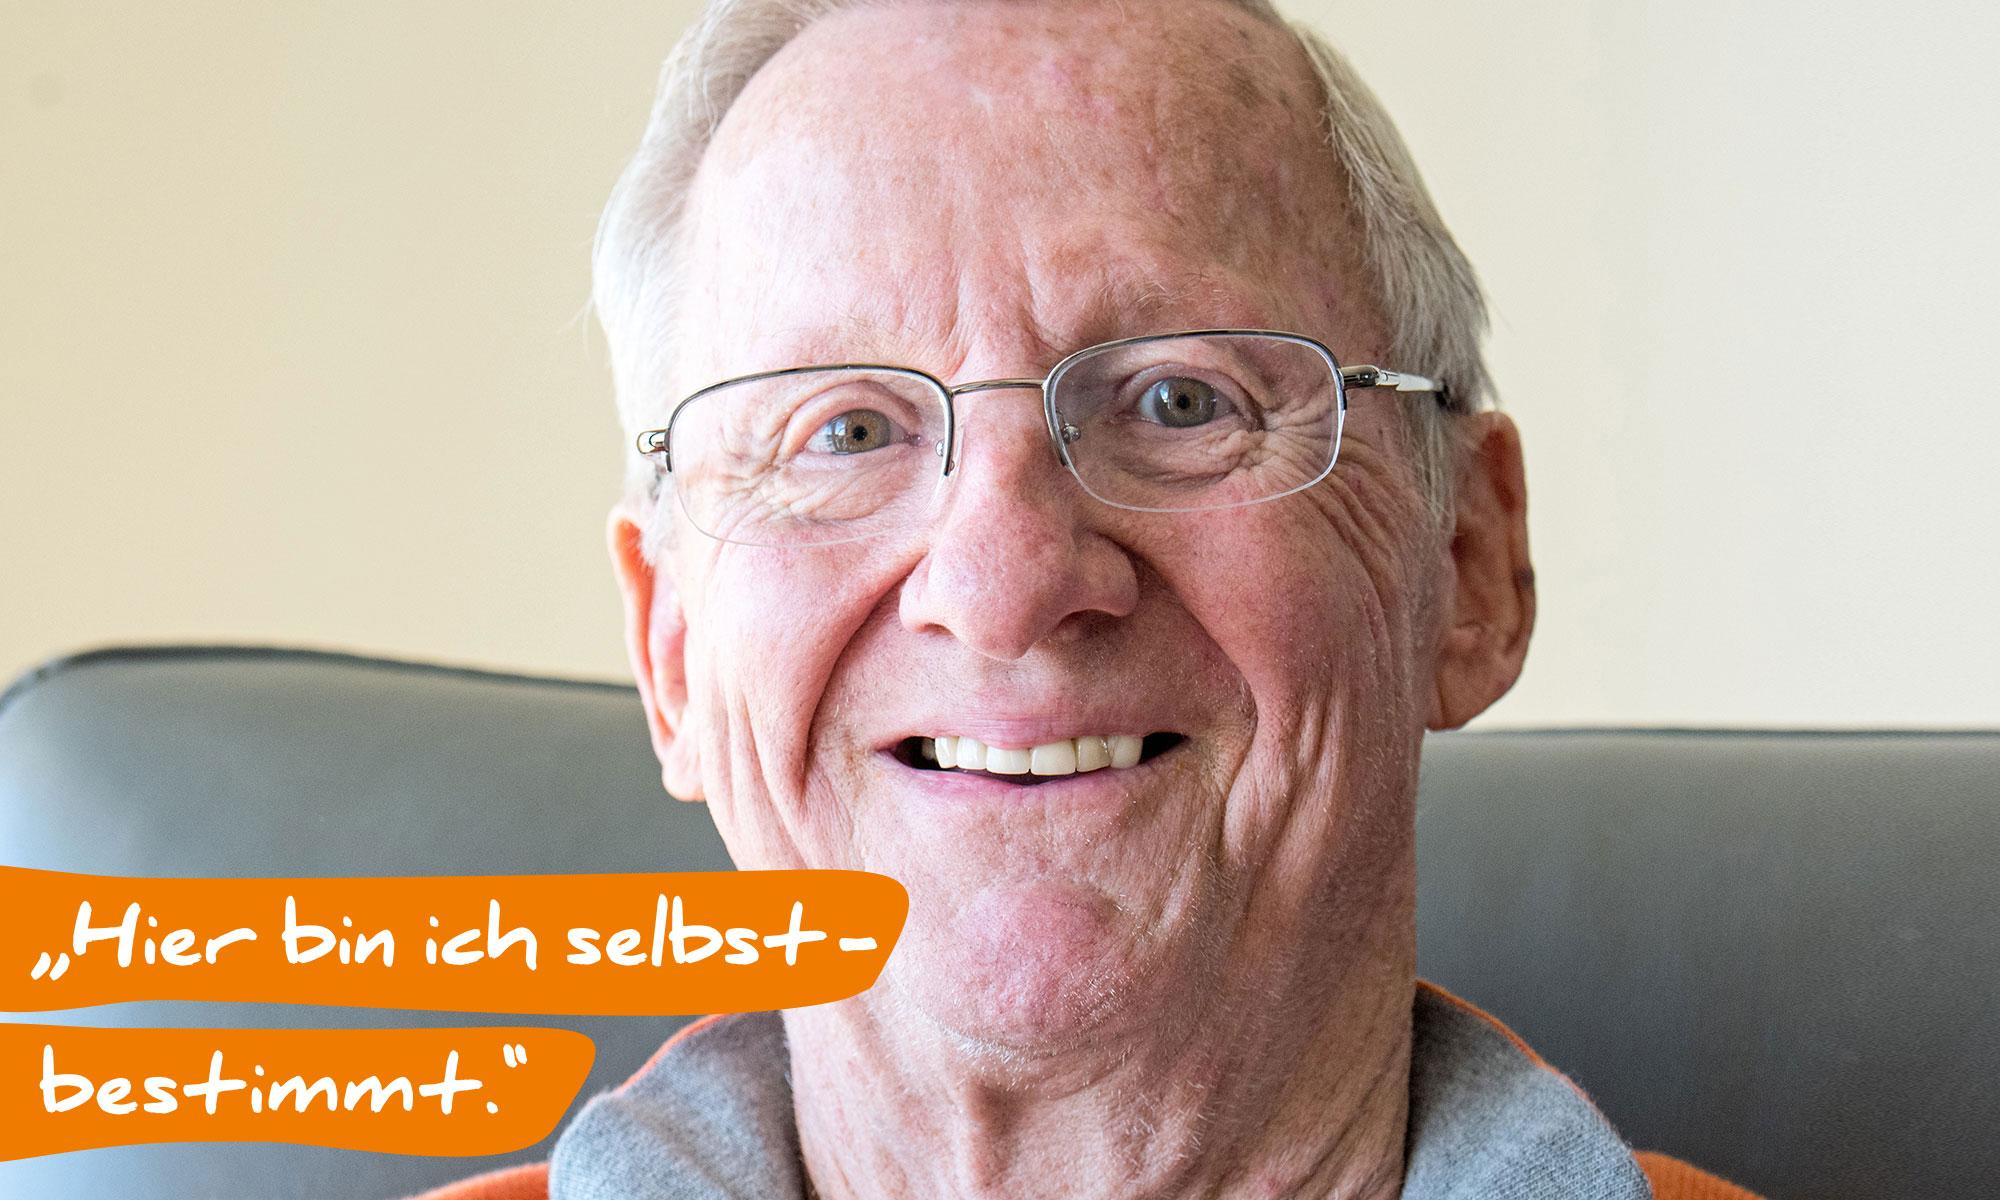 gutepflege-heidelberg_hier-bin-ich-selbstbestimmt_text